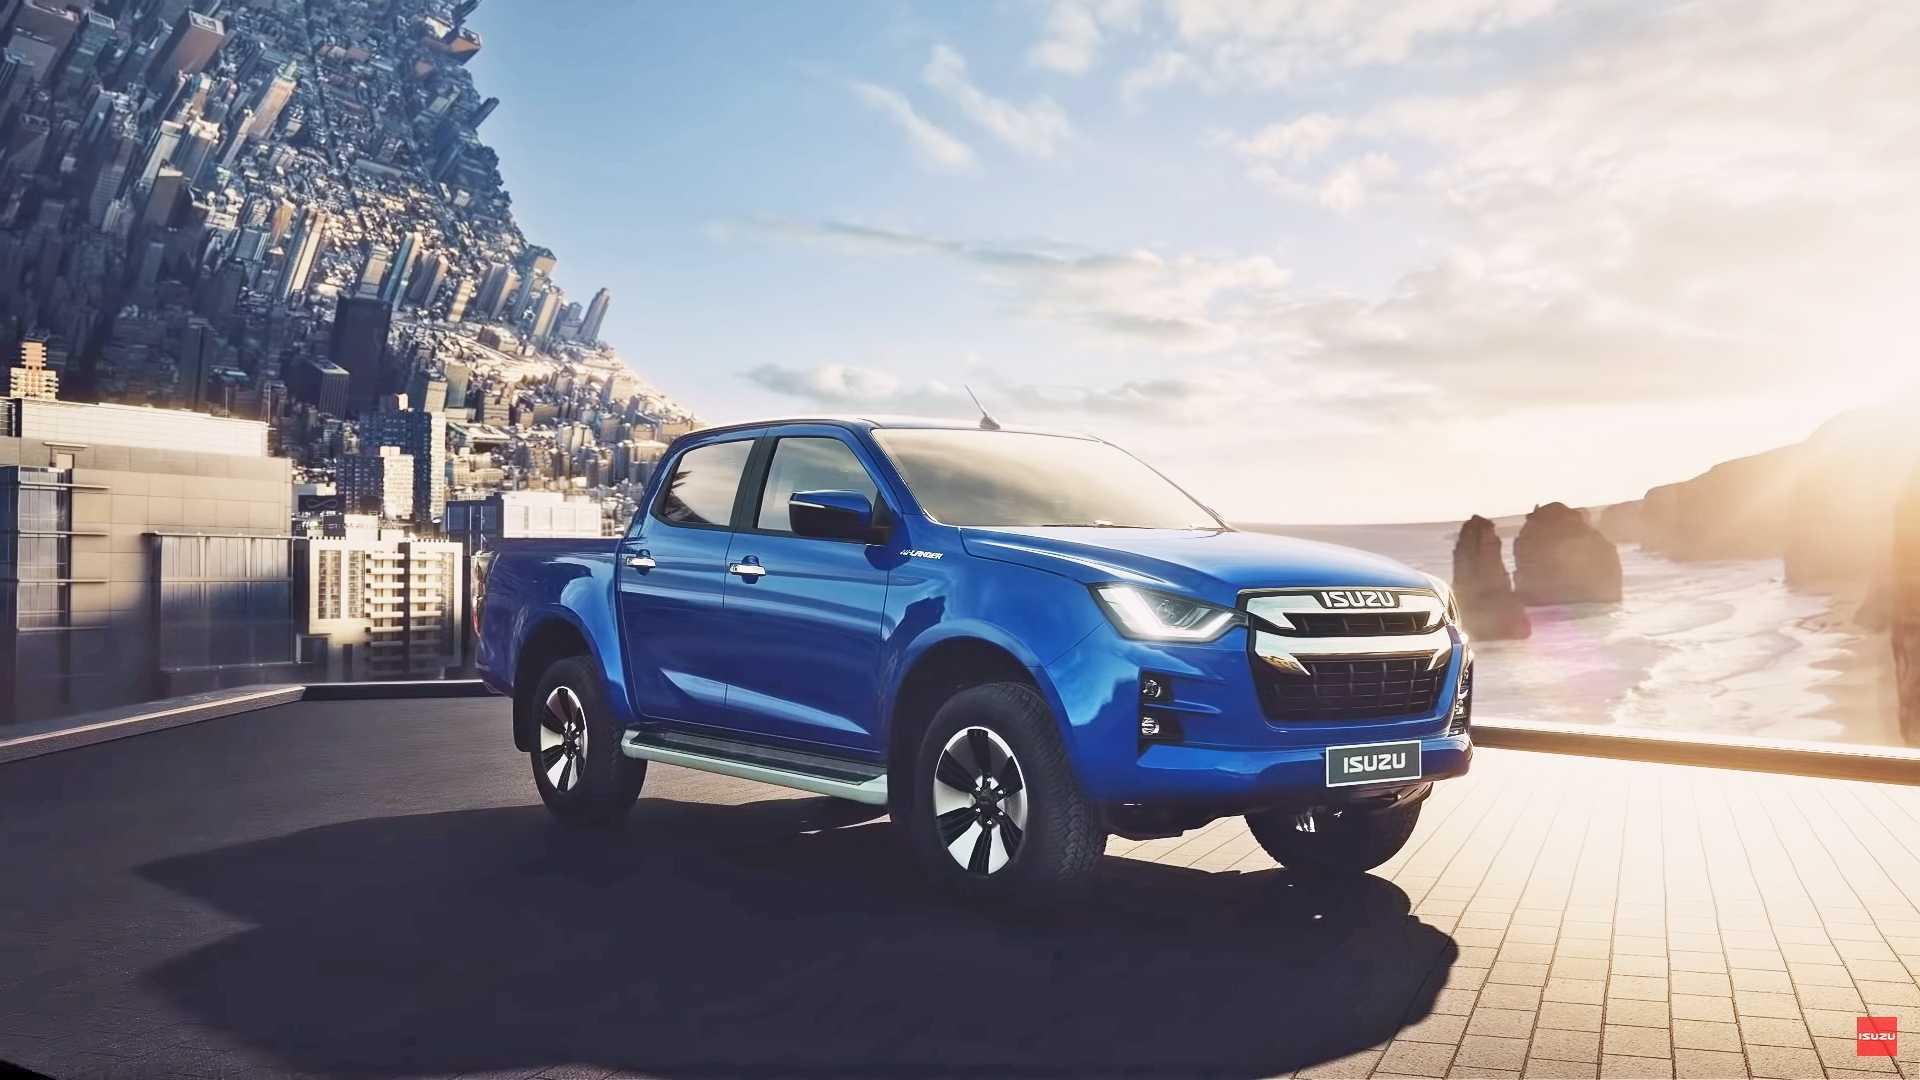 2020 isuzu d max debuts its new truck